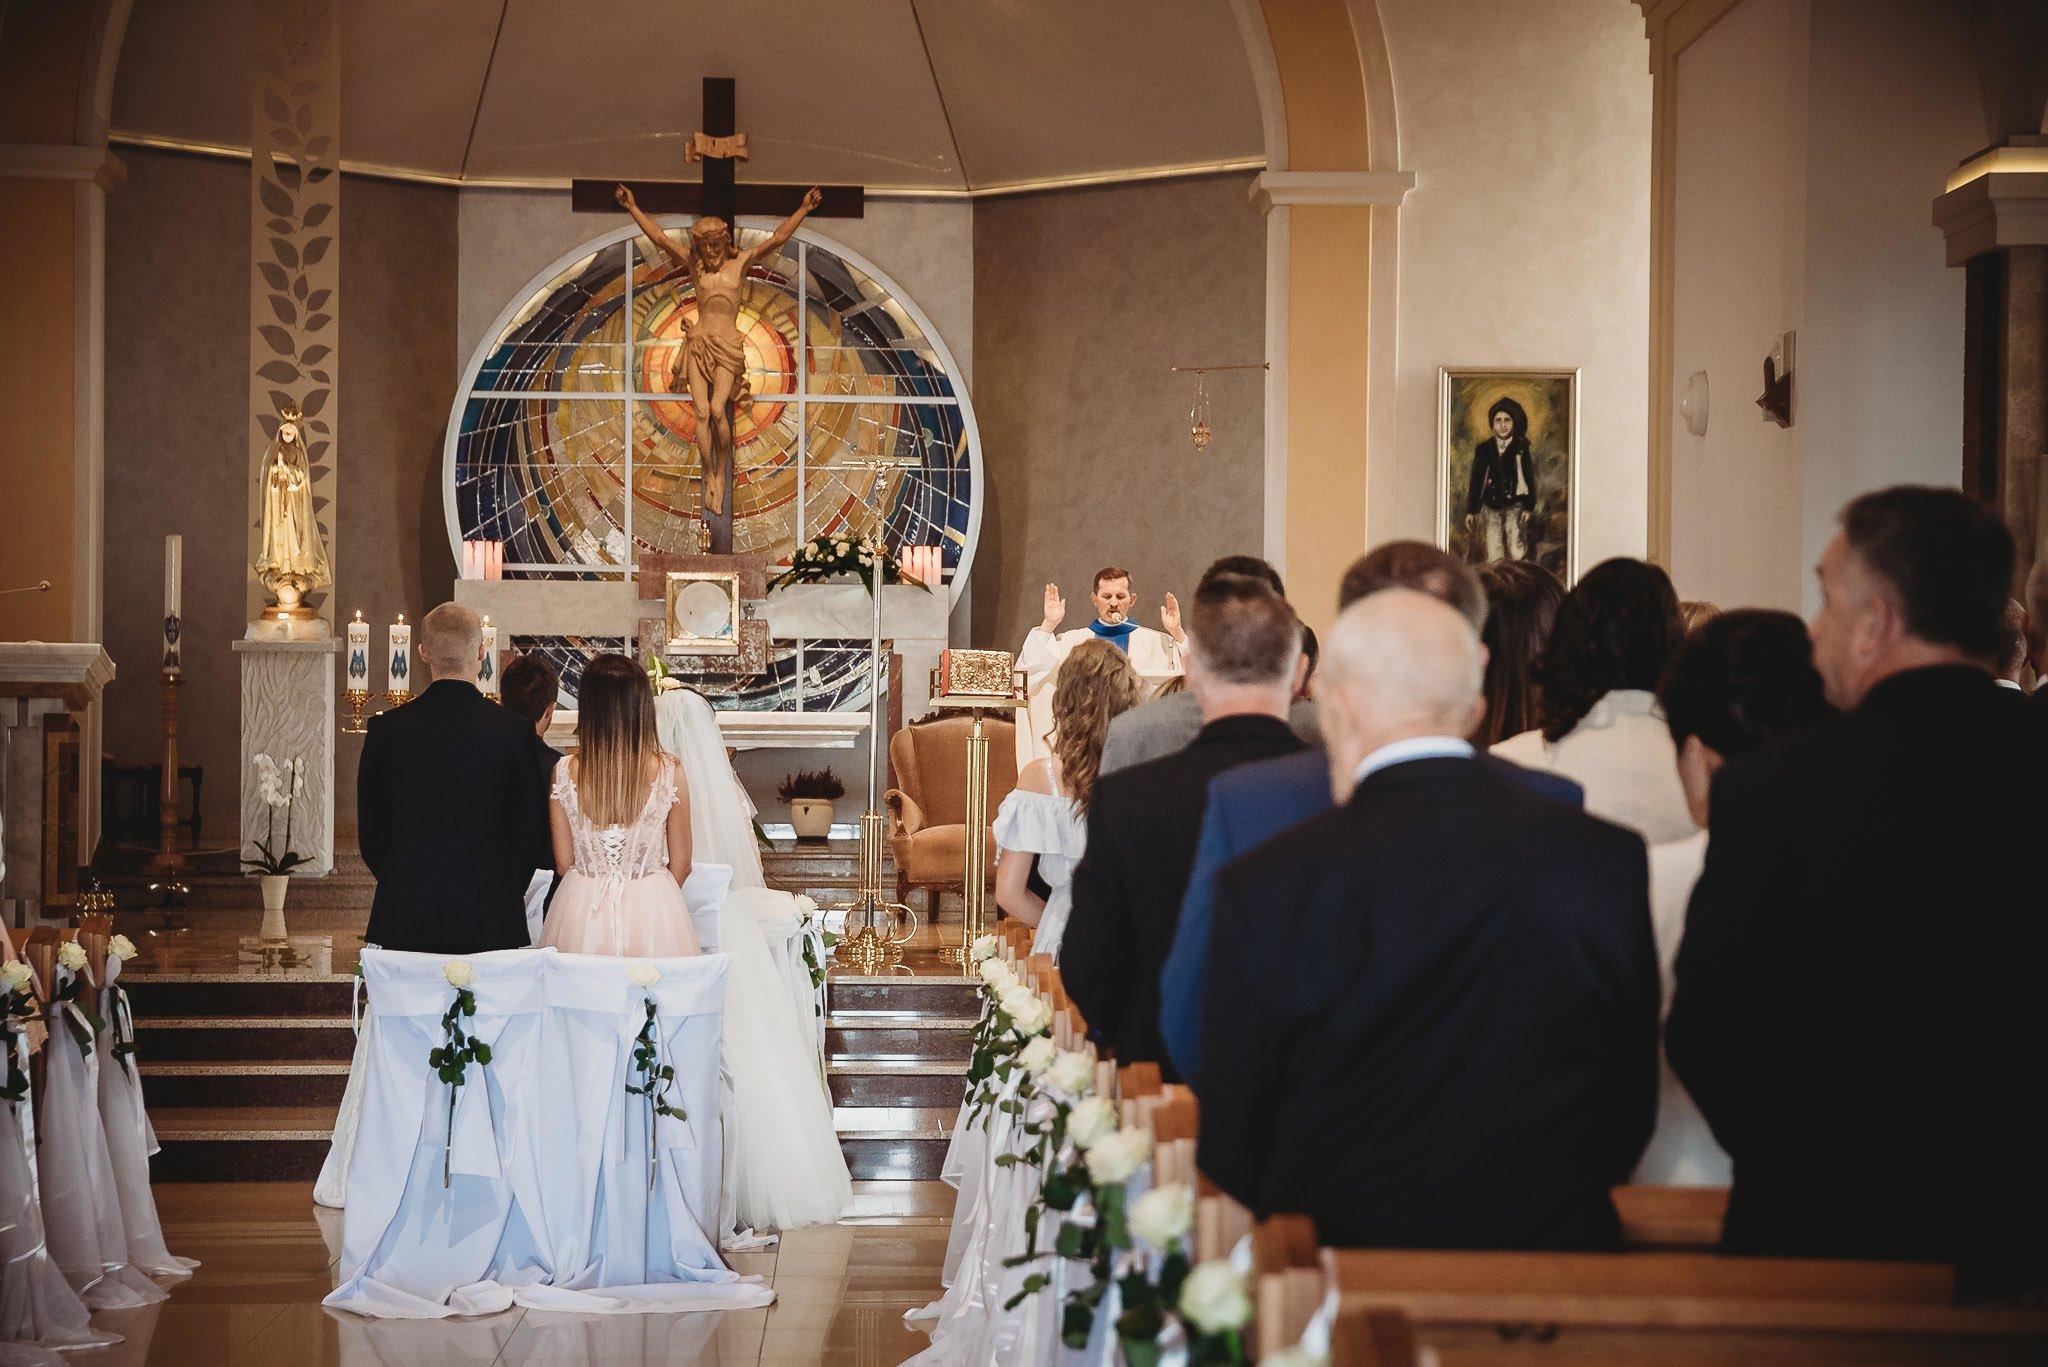 Angelika i Michał, piękne zdjęcia ślubne i sesja plenerowa w Gołuchowie 94